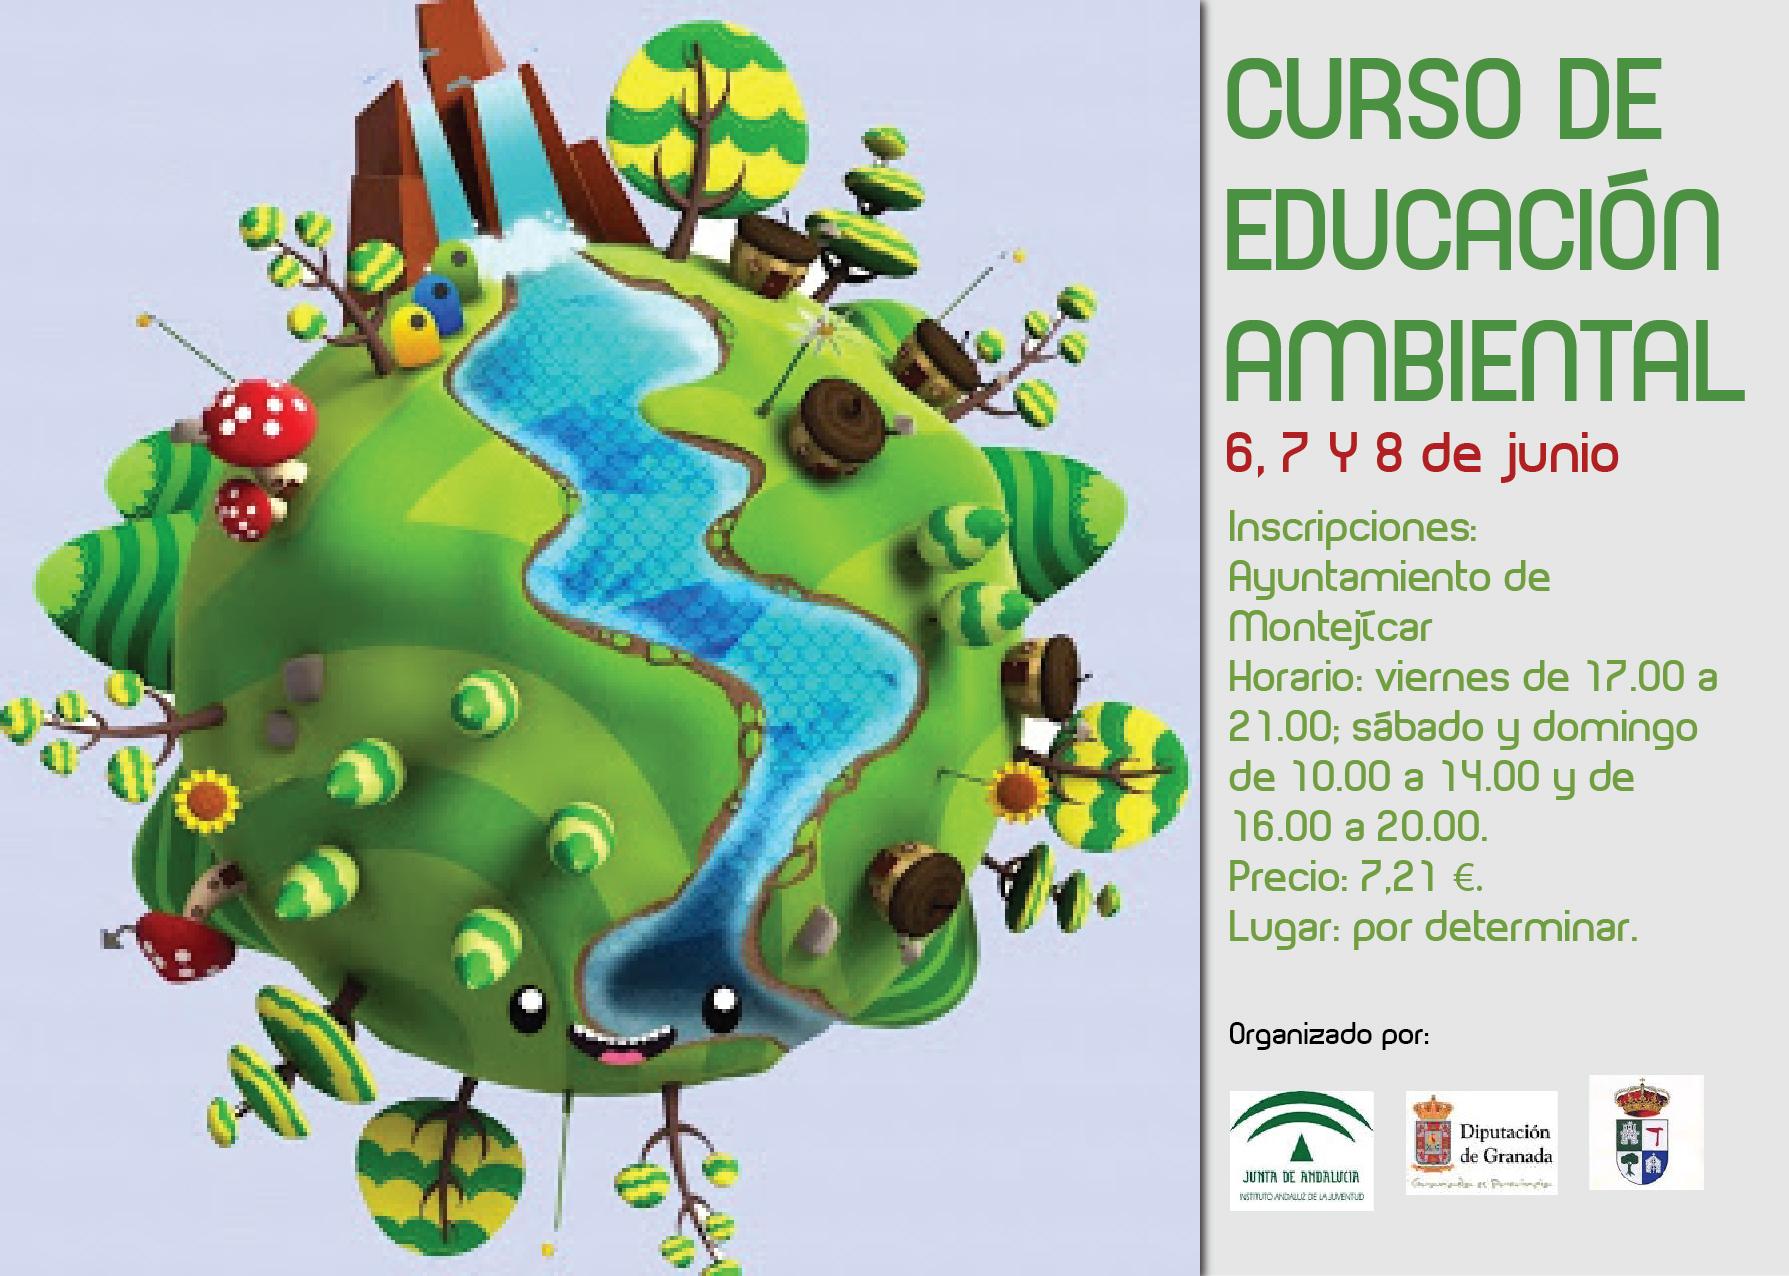 El Ayuntamiento organiza un curso de educación ambiental del 6 al 8